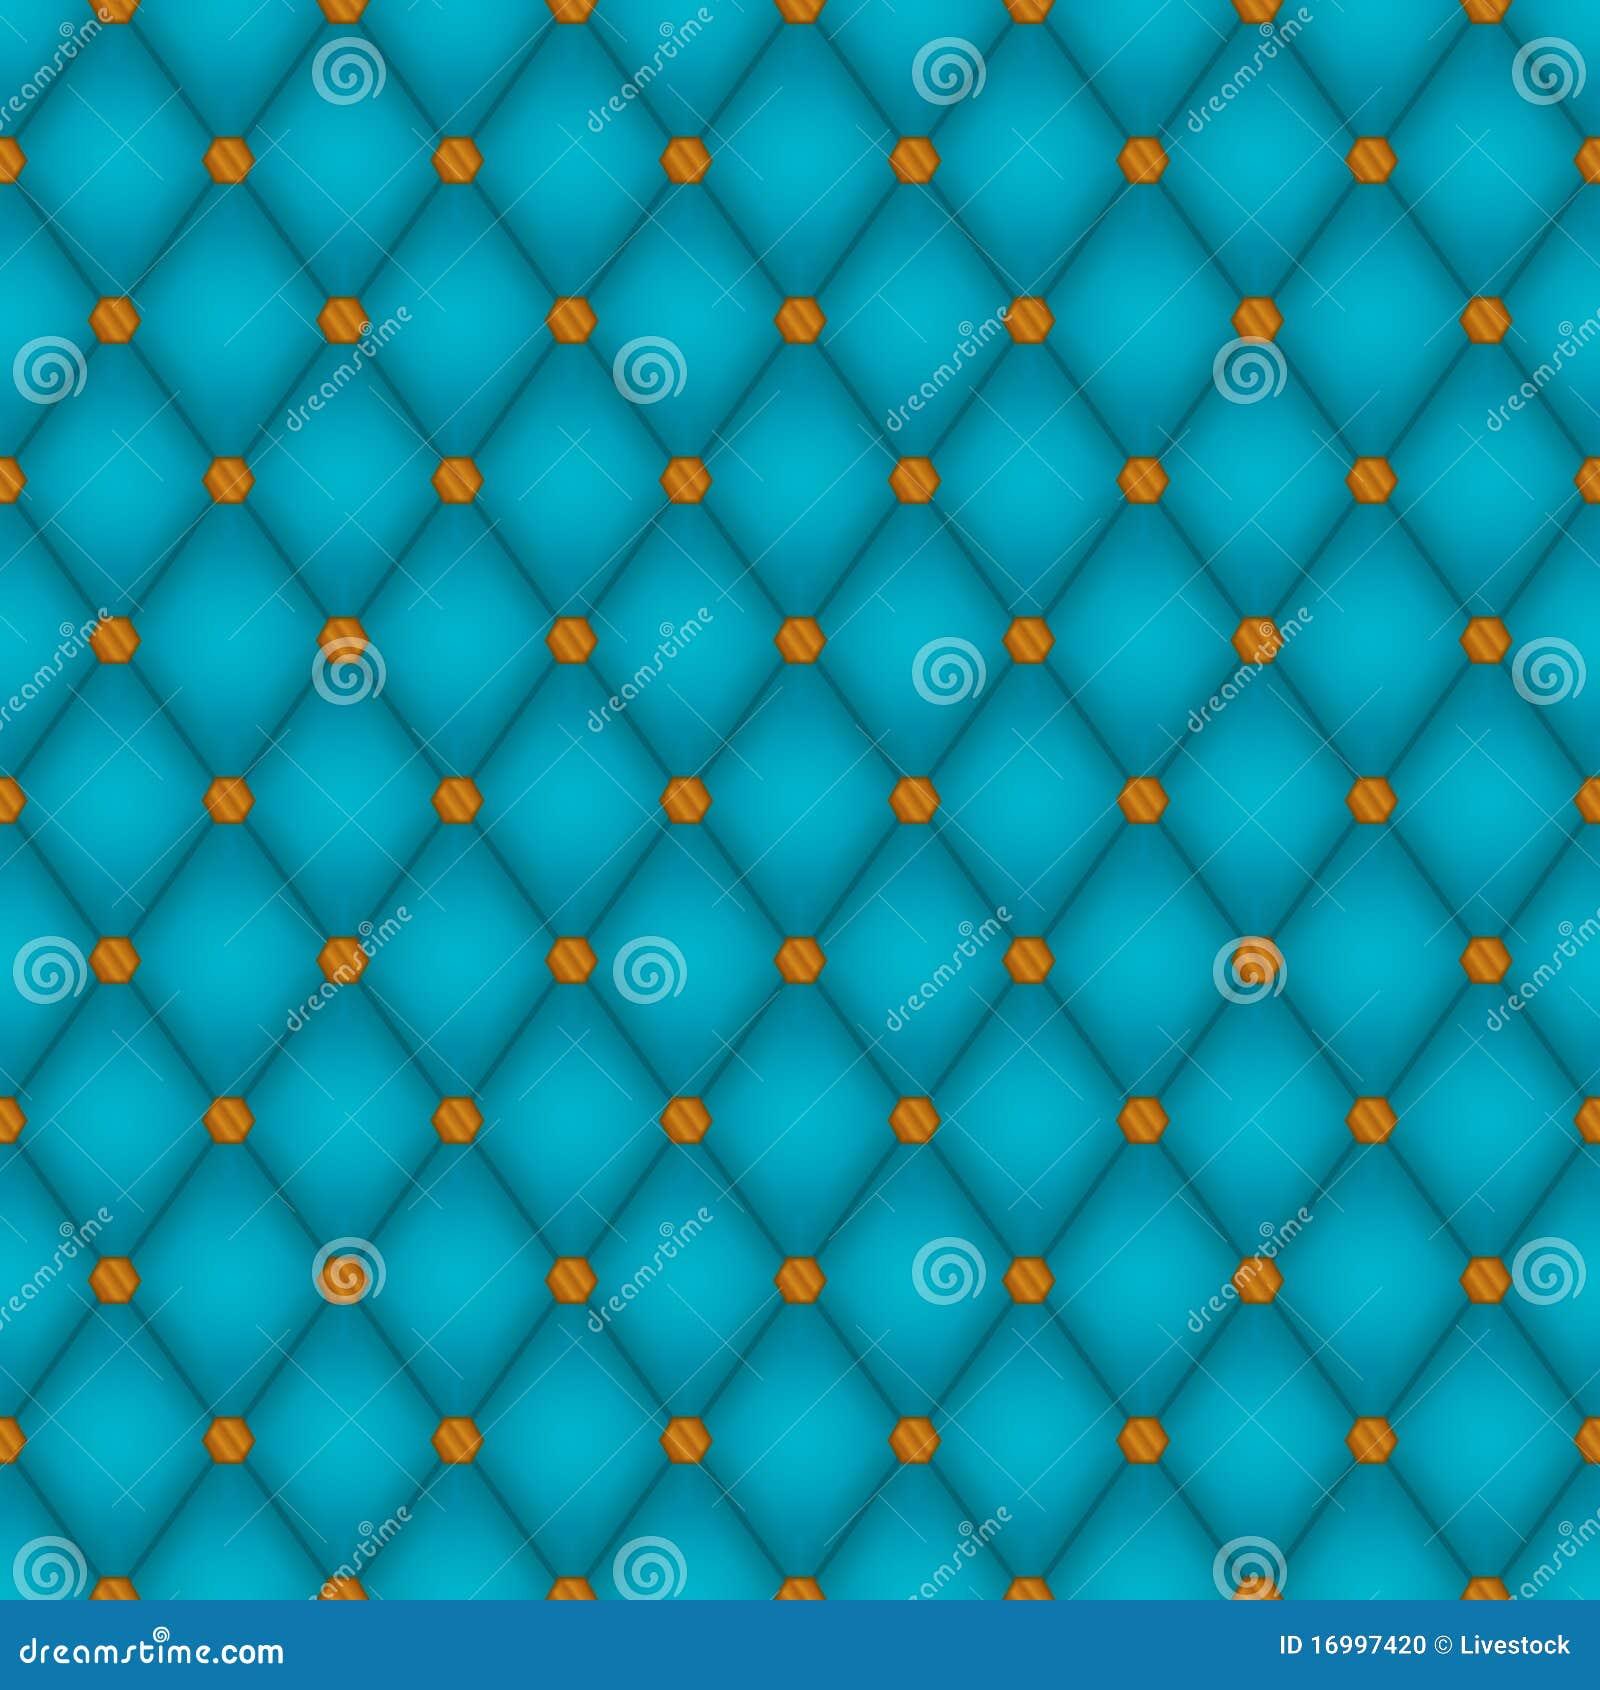 Teal Diamond Seamless Tile Stock Photo